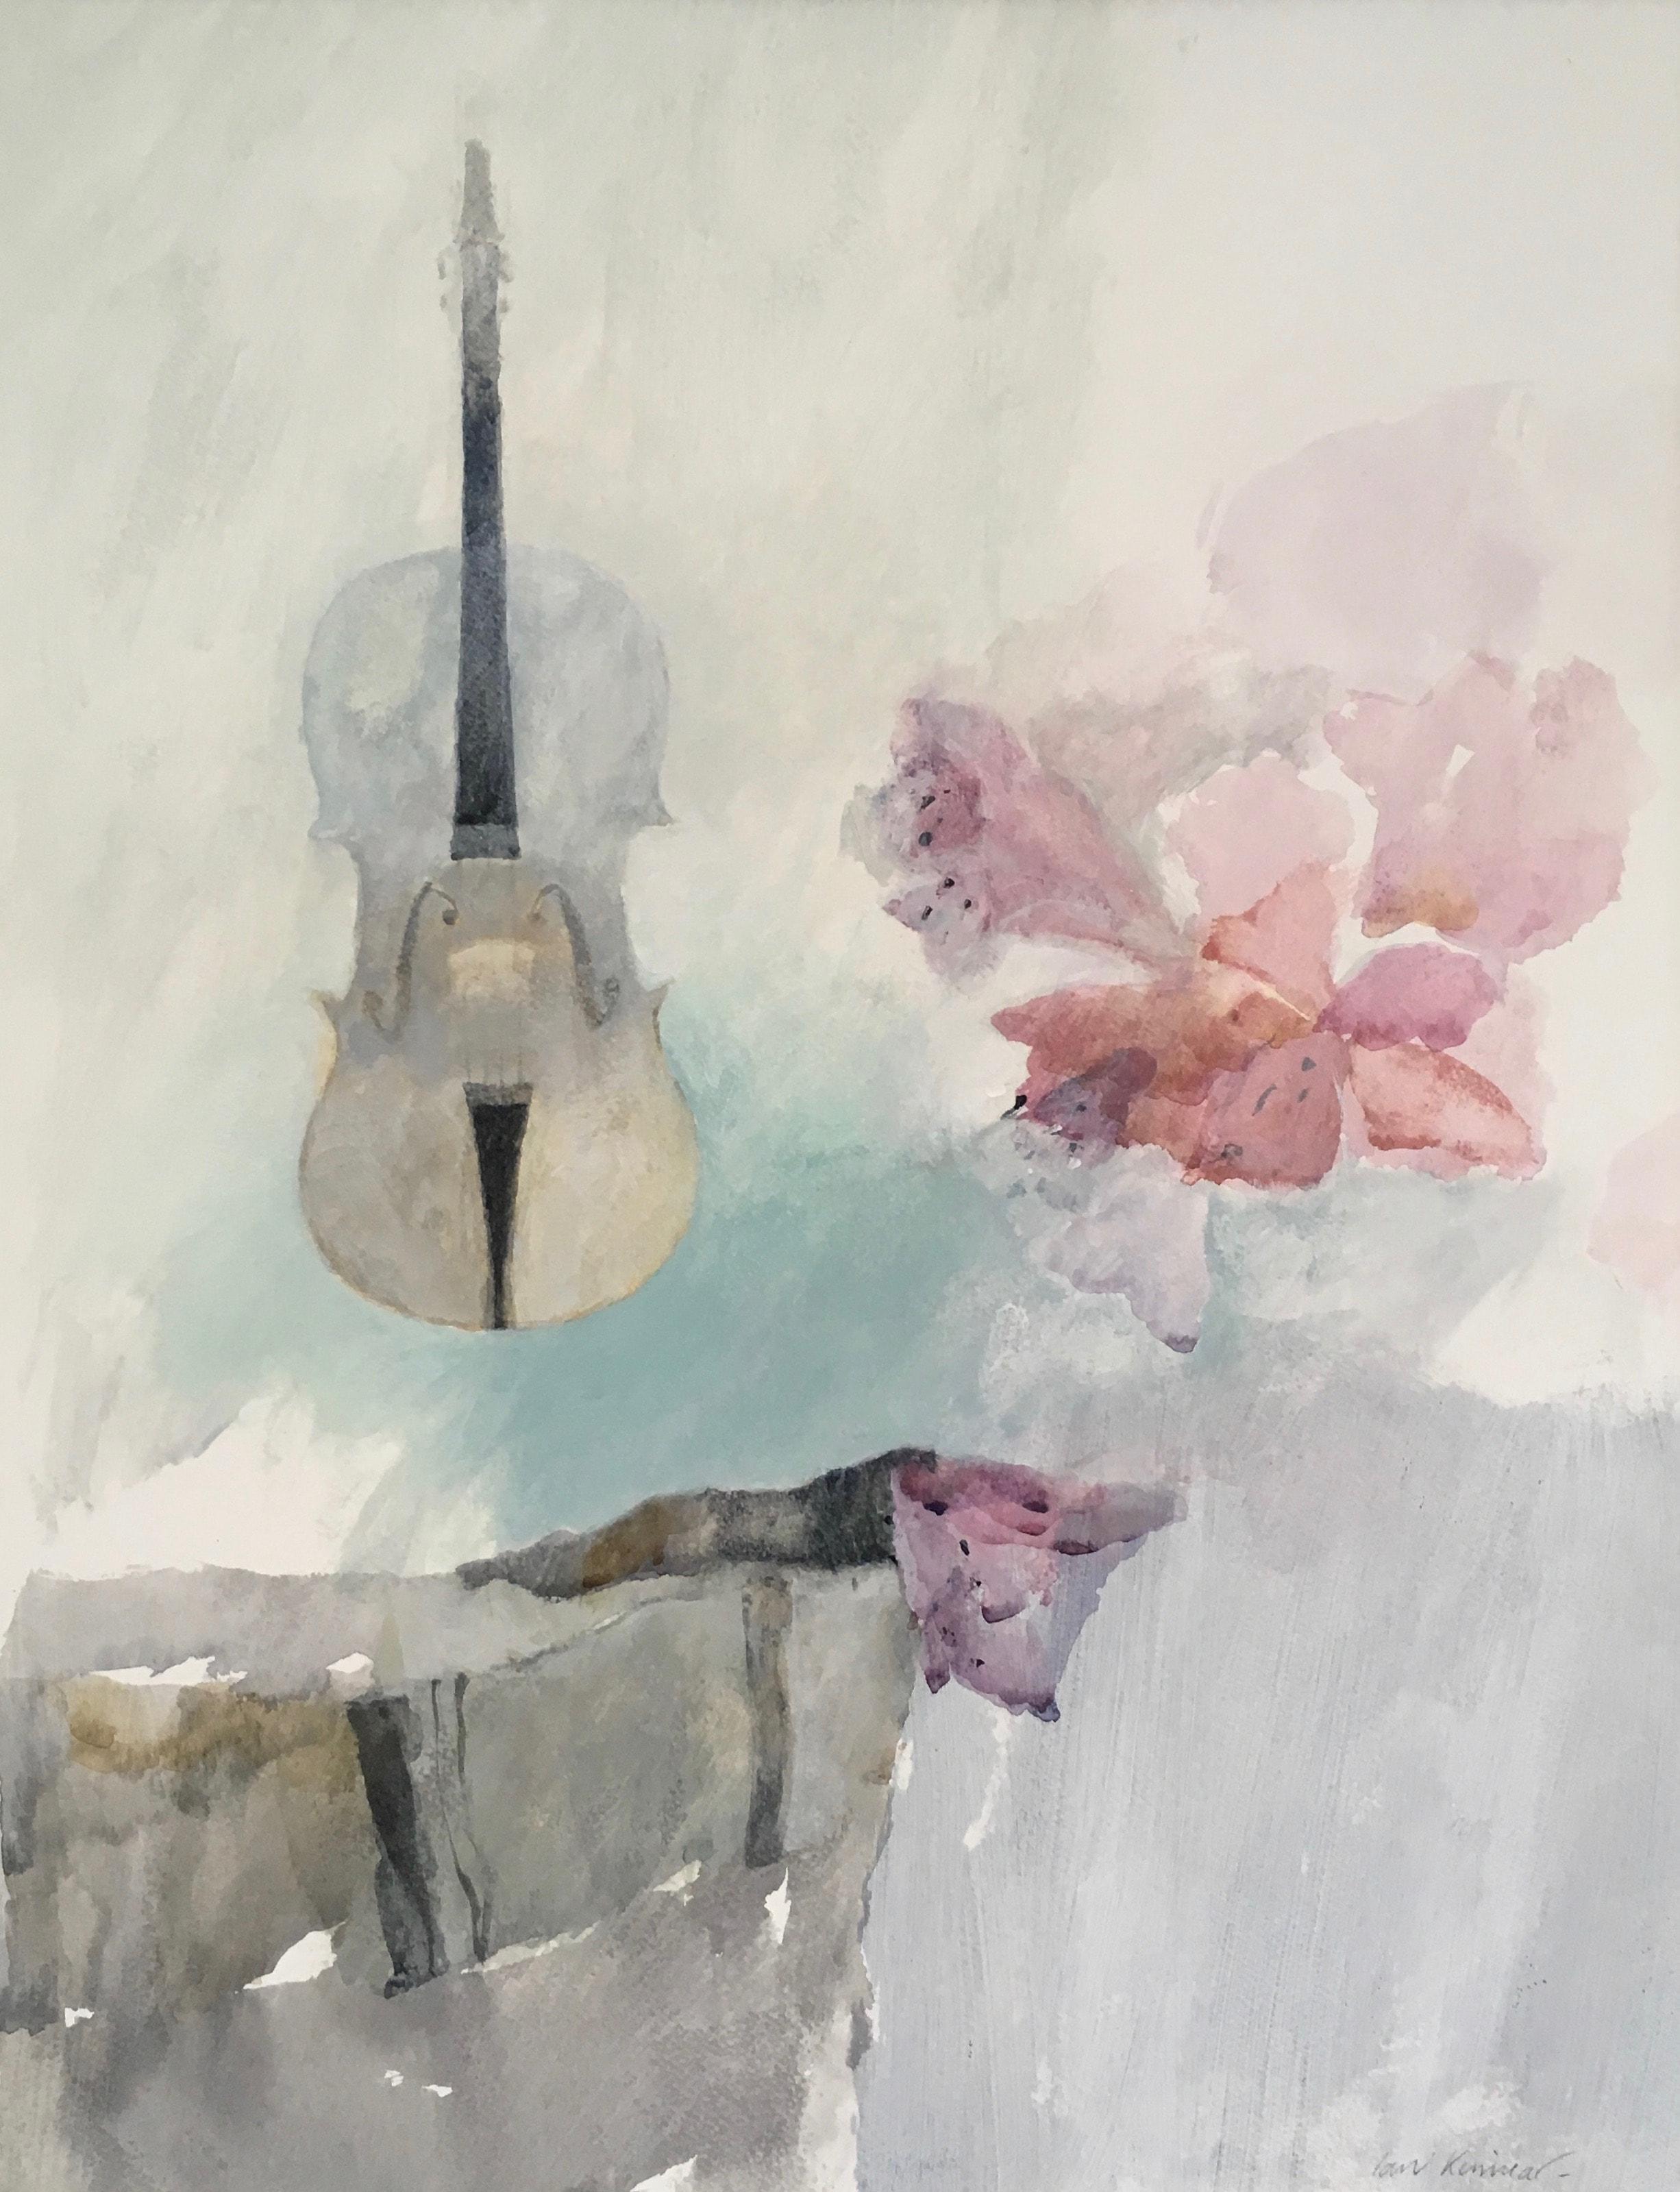 Arrangement with Violin